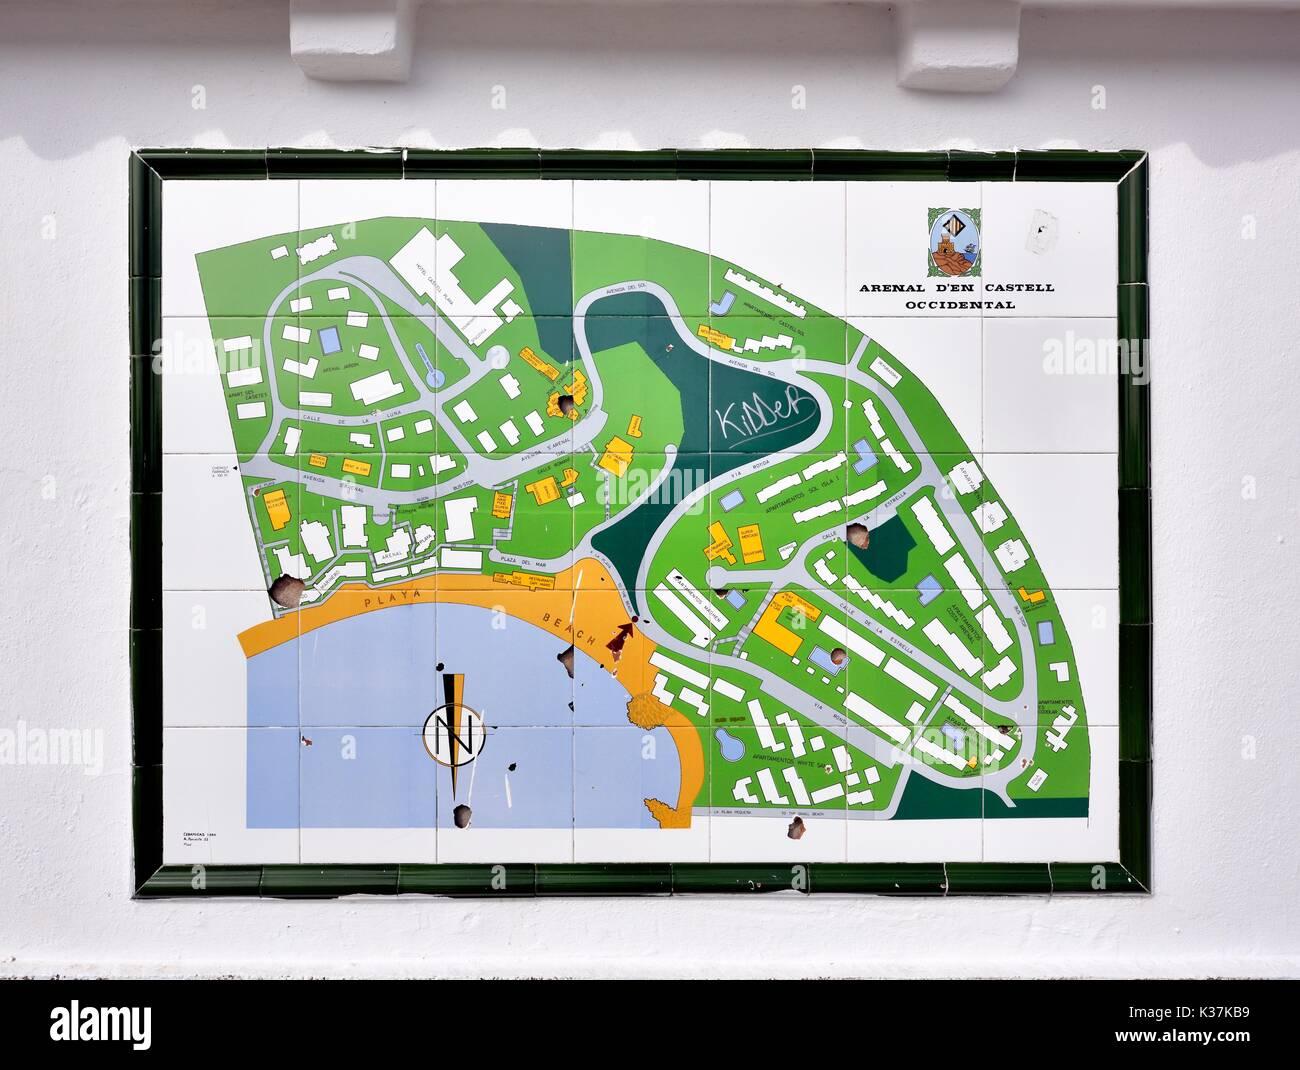 Arenal den castell tourist resort map Menorca Minorca Stock ...